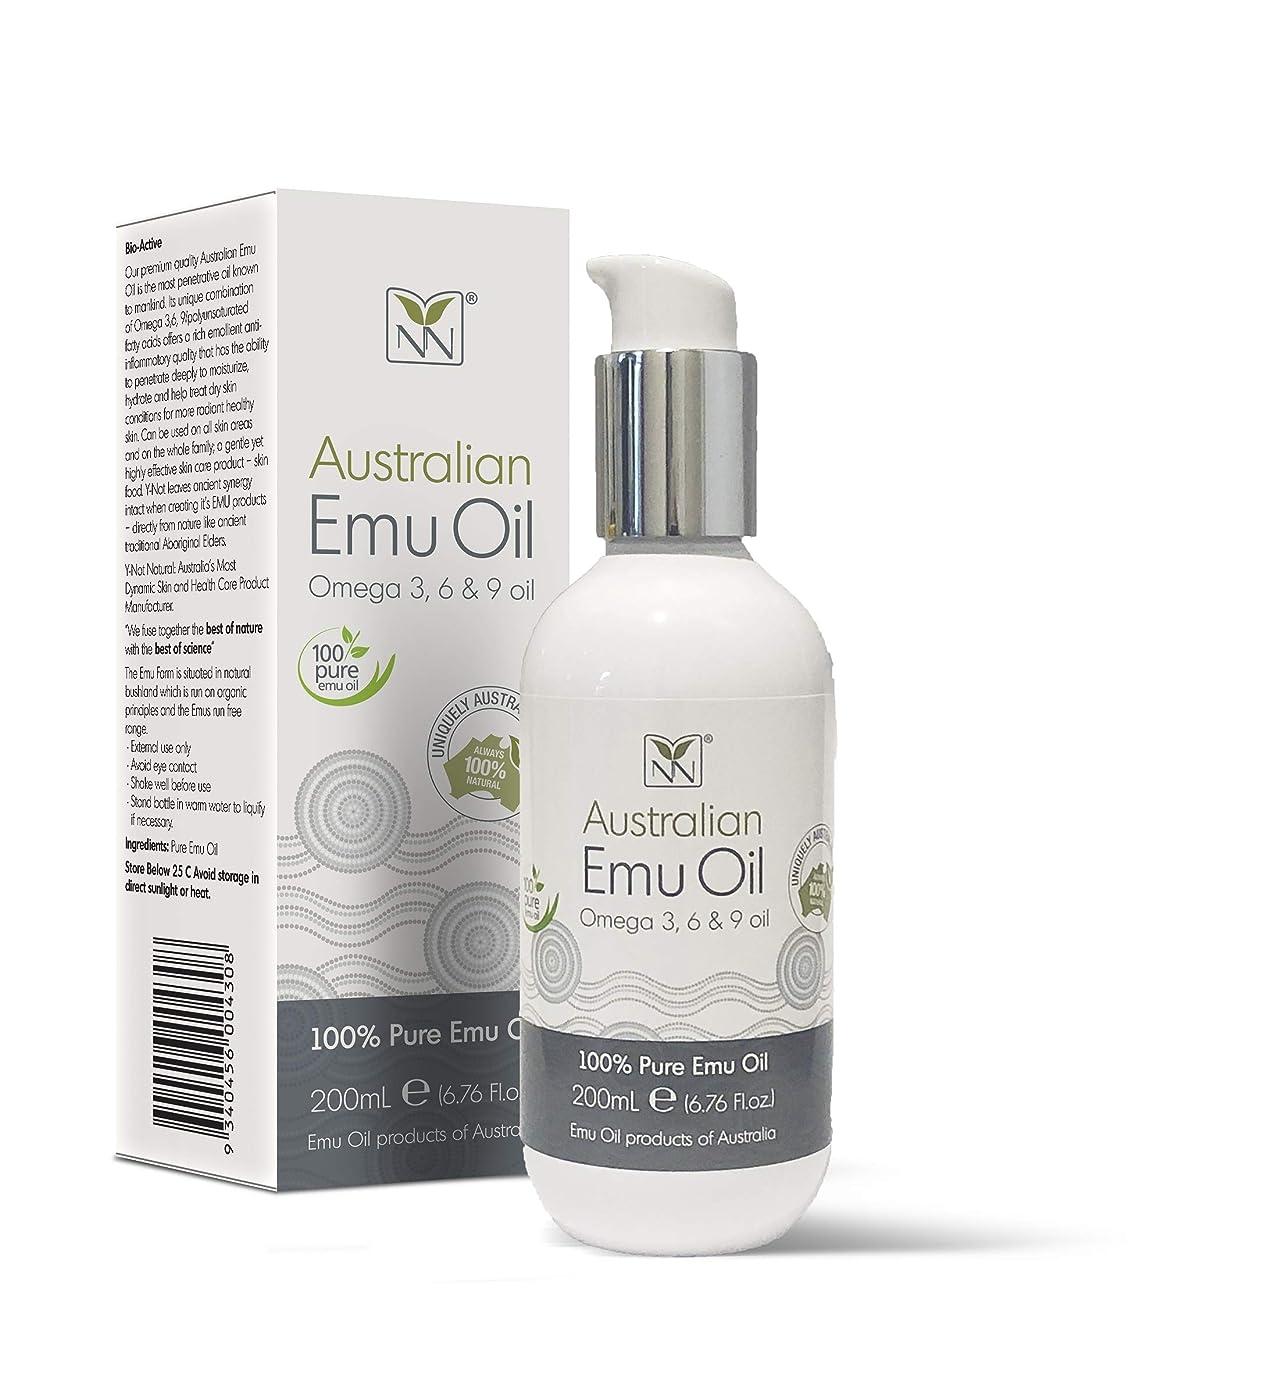 米ドル履歴書一目Y Not Natural エミューオイル EMU OIL 無添加100% 保湿性 浸透性 抜群 プレミアム品質 エミュー油 (200 ml)